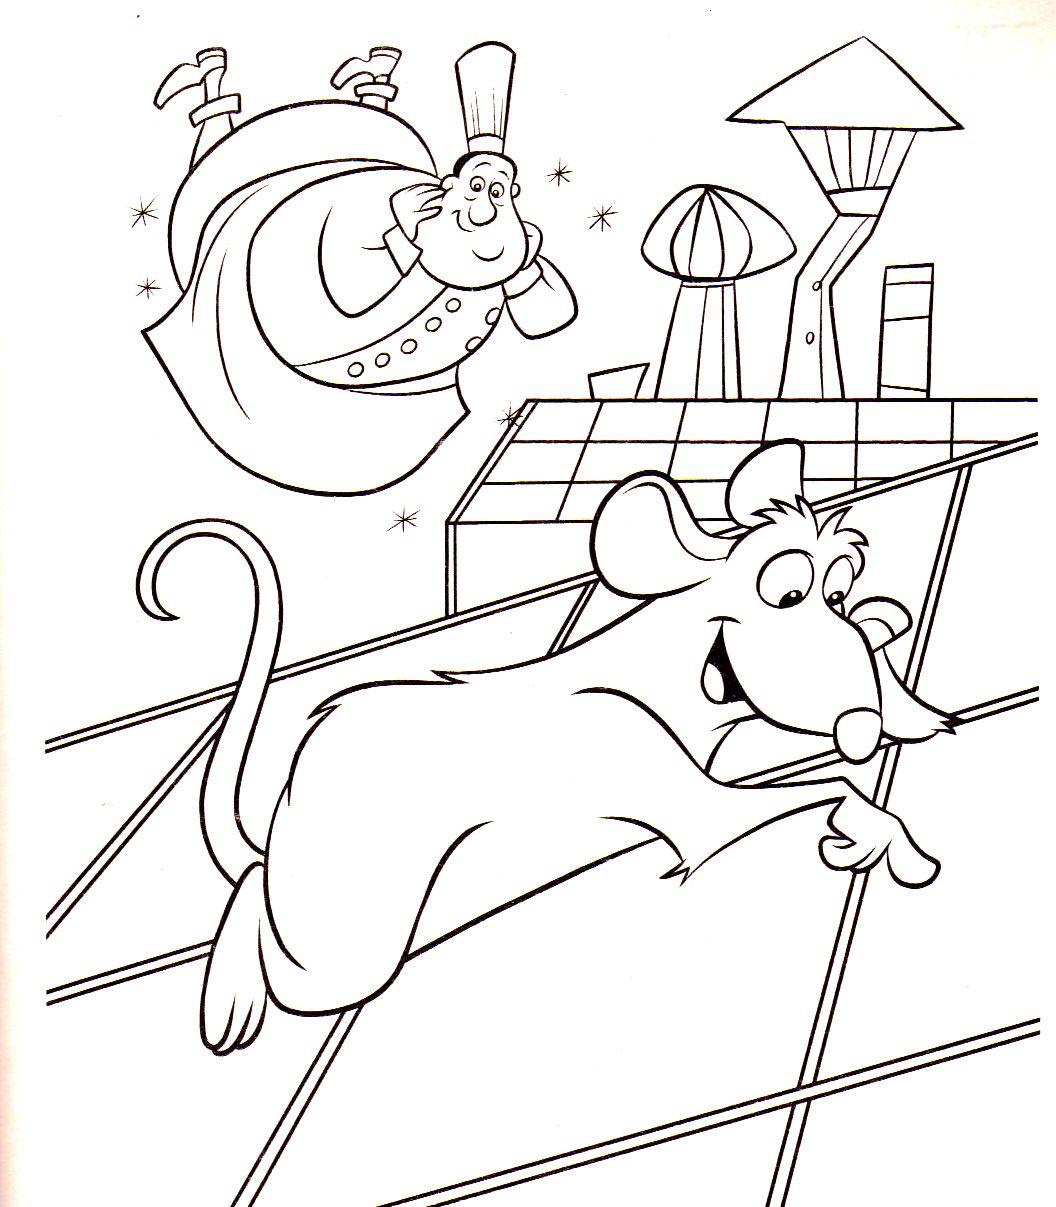 117 dessins de coloriage ratatouille imprimer - Coloriage de ratatouille ...